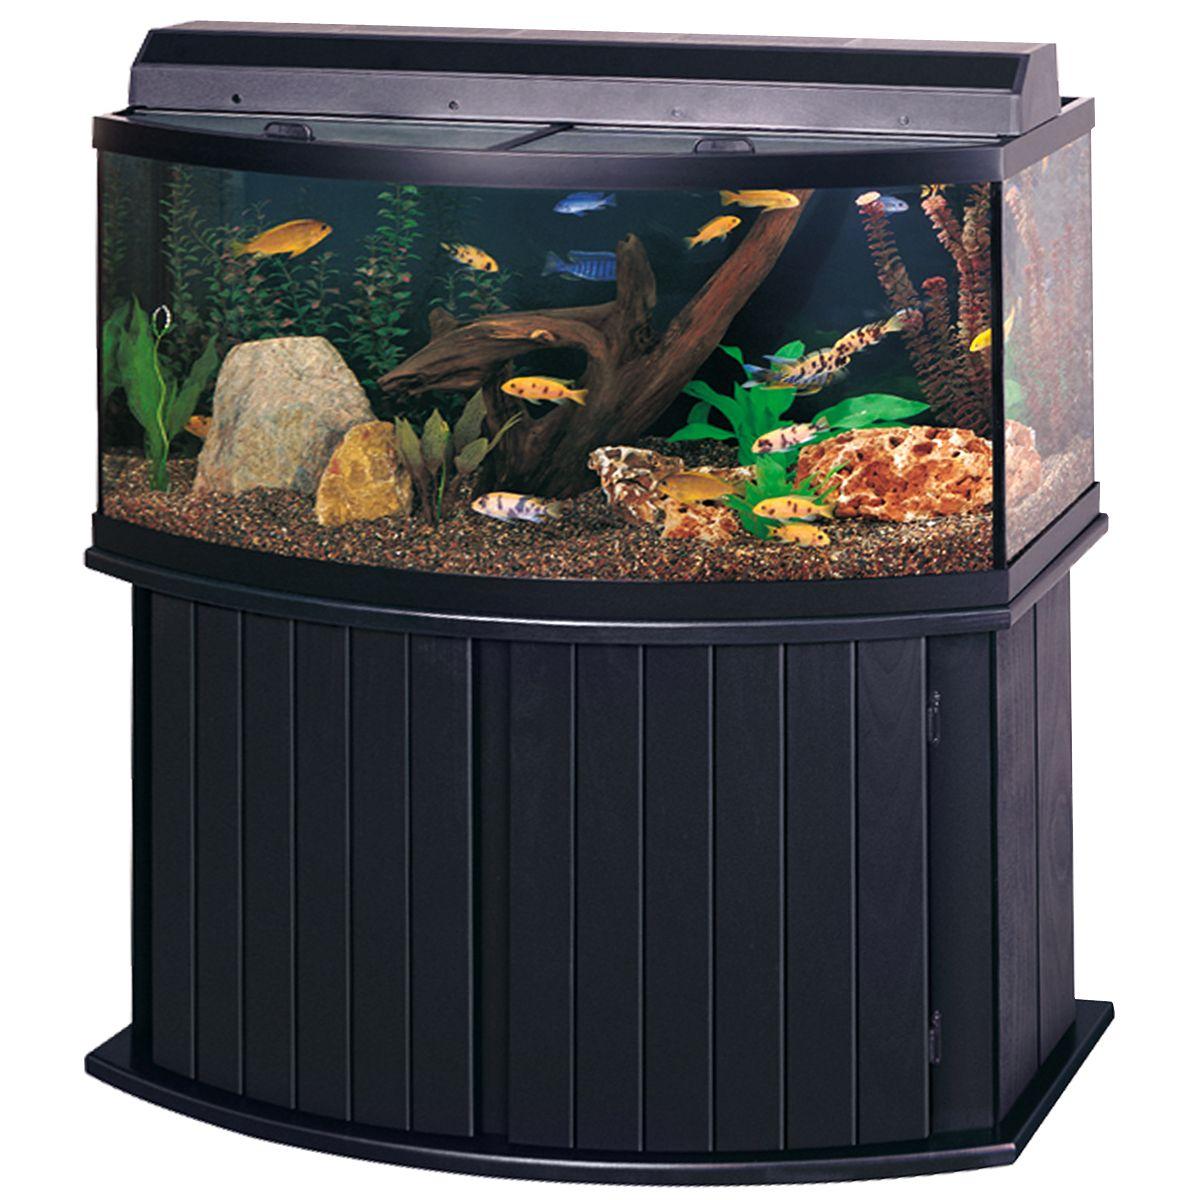 All glass aquarium fish tank - 72 Gallon Bow Front Aquarium 72 Gallon Bow Front Aquarium Kit Black A1147 All Glass Aquariumaquarium Standaquarium Designaquarium Ideasfish Tank